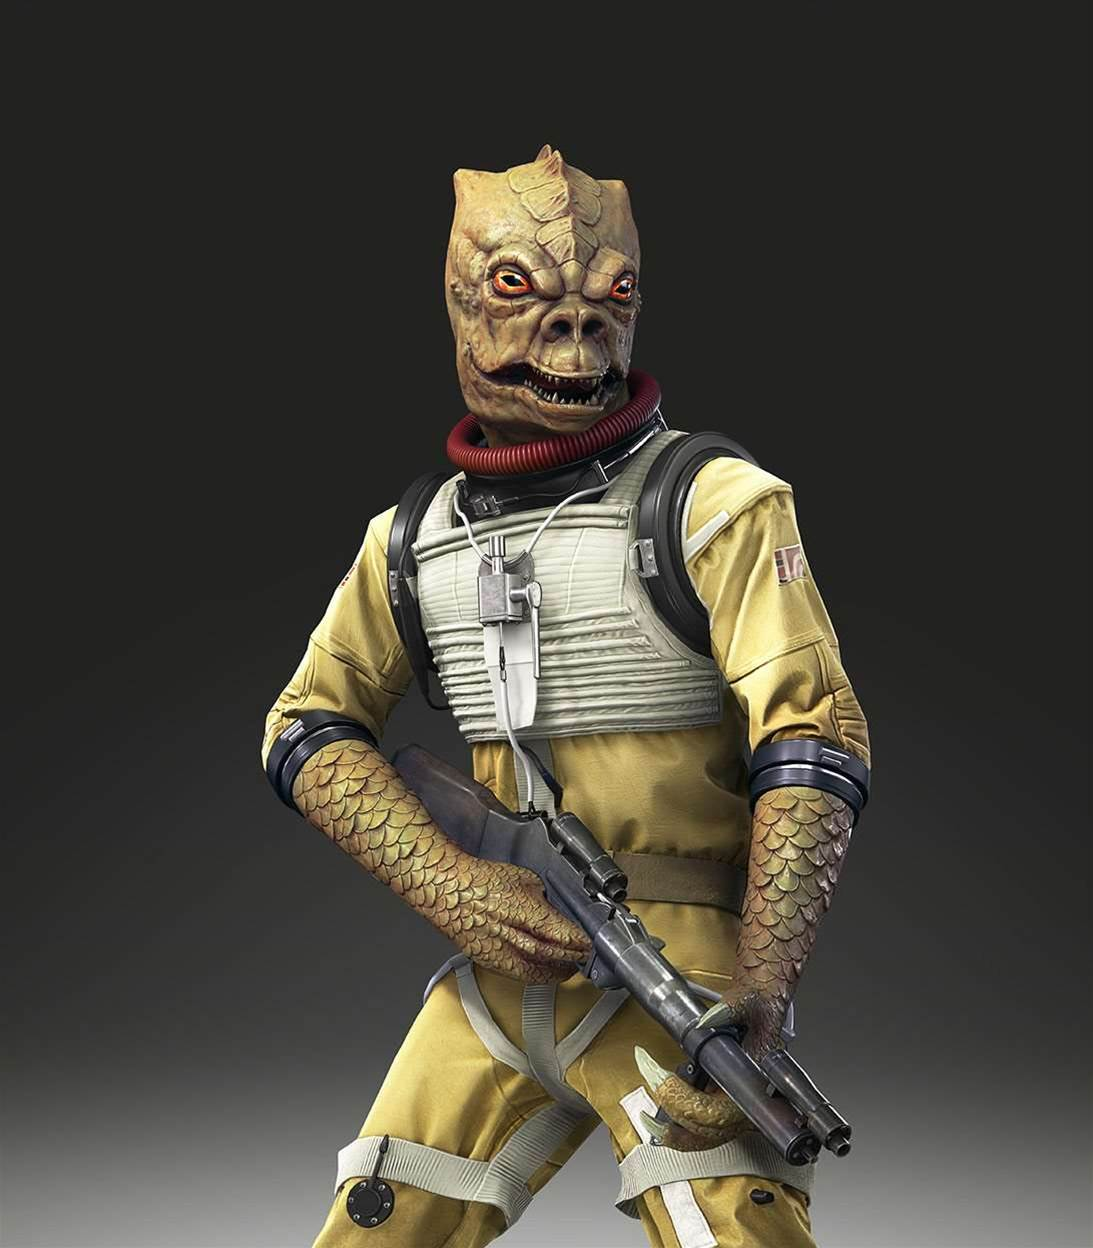 Star Wars Battlefront Death Star DLC shots